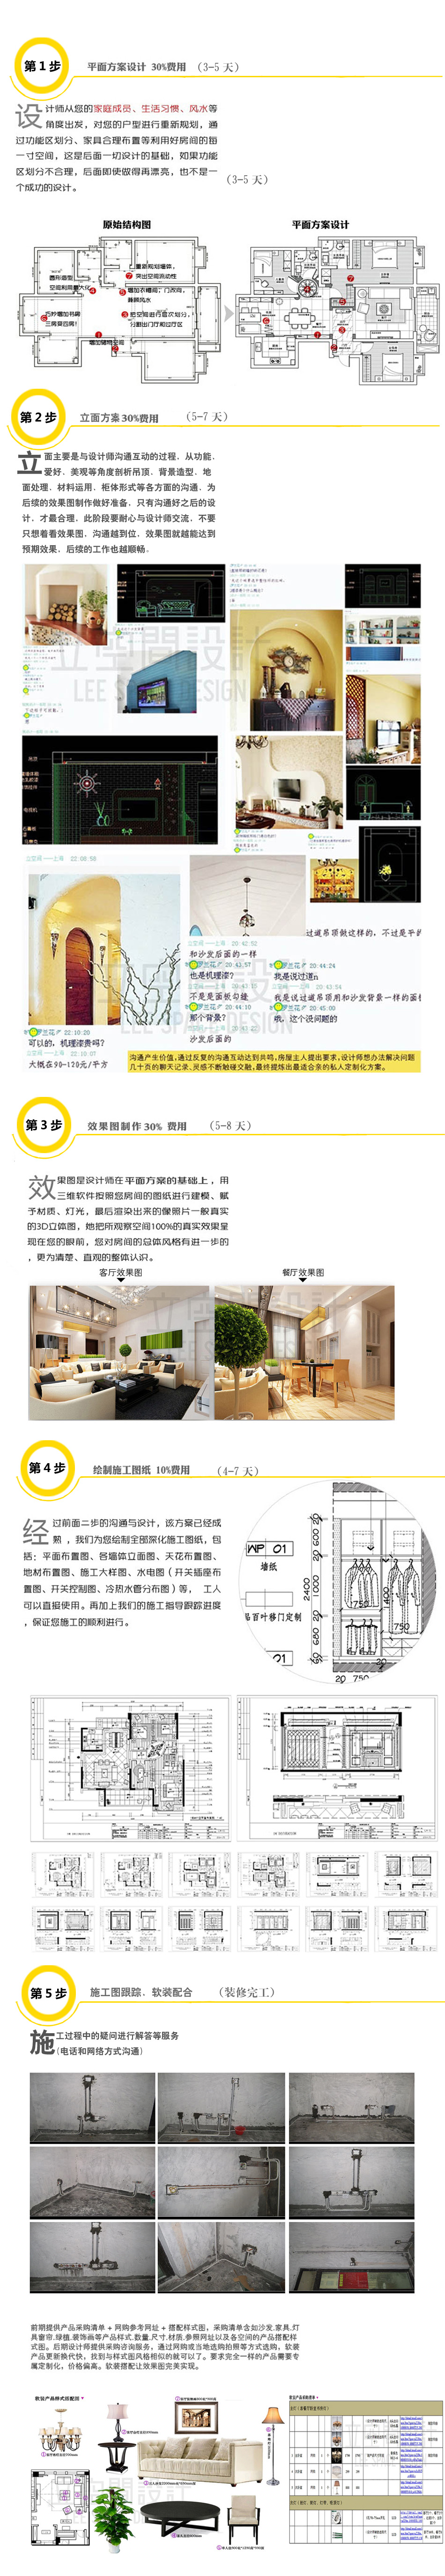 室内家装设计新中式别墅复式装修施工图效果图软装设计建筑模型图